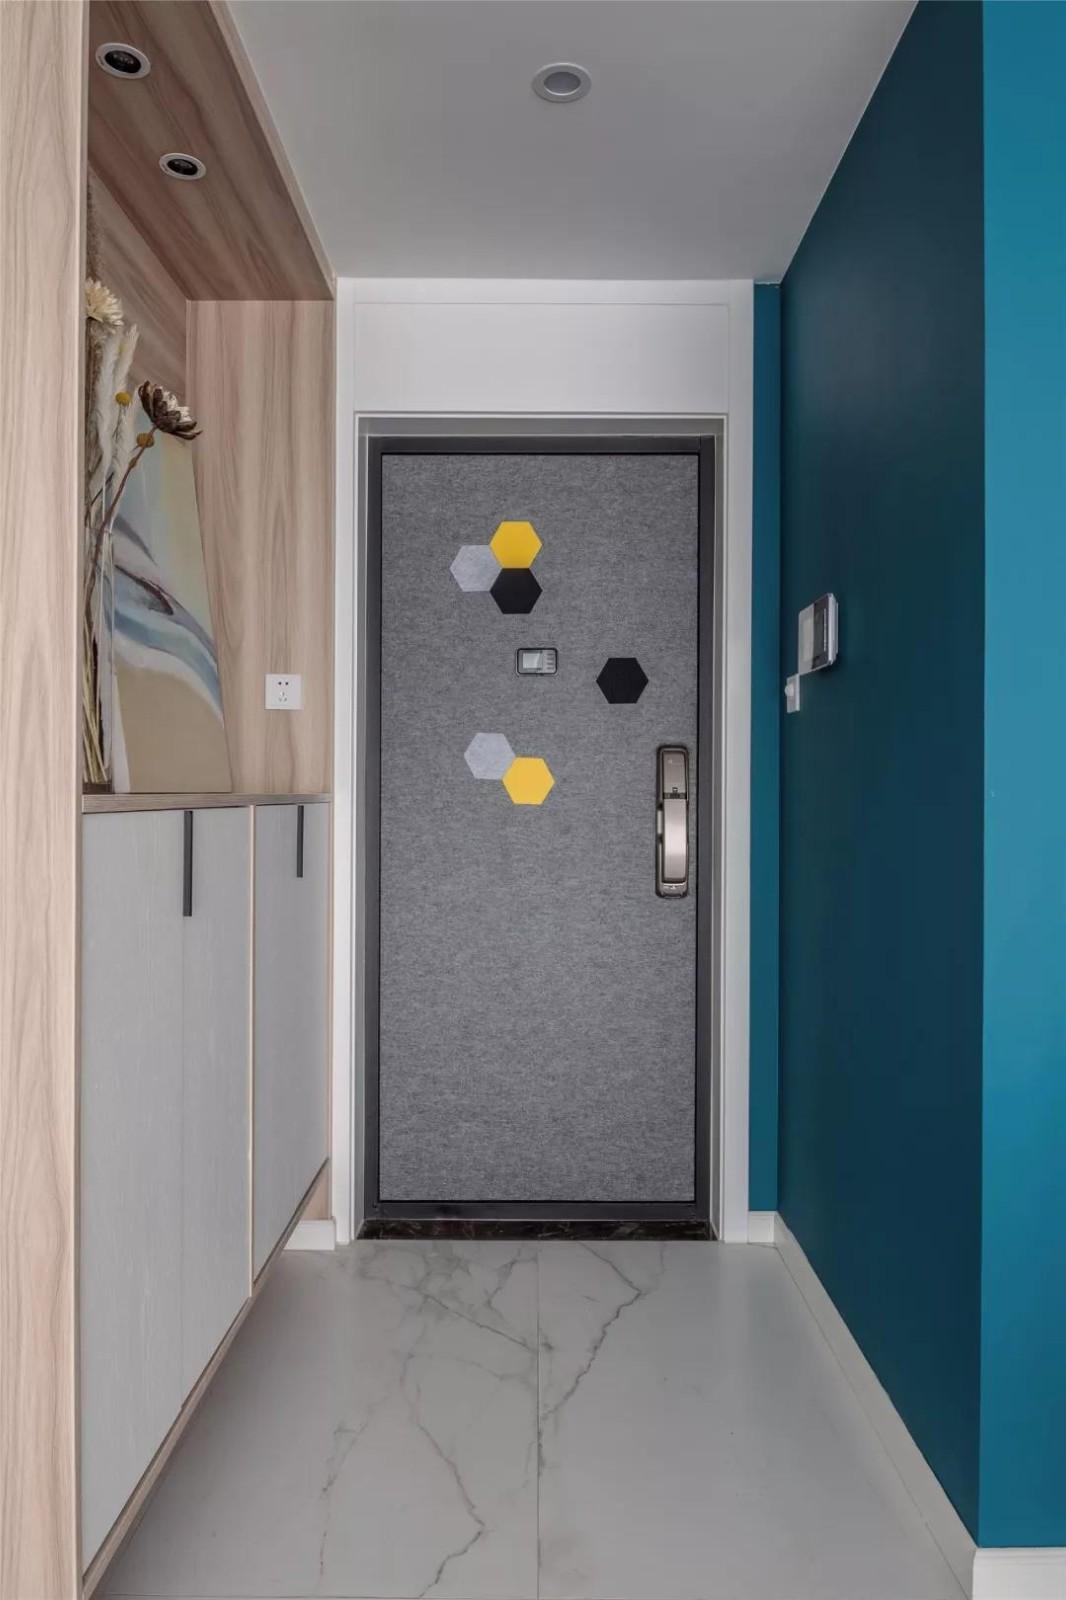 110㎡北欧风格格调3室2厅装修效果图,自然随性的质感生活